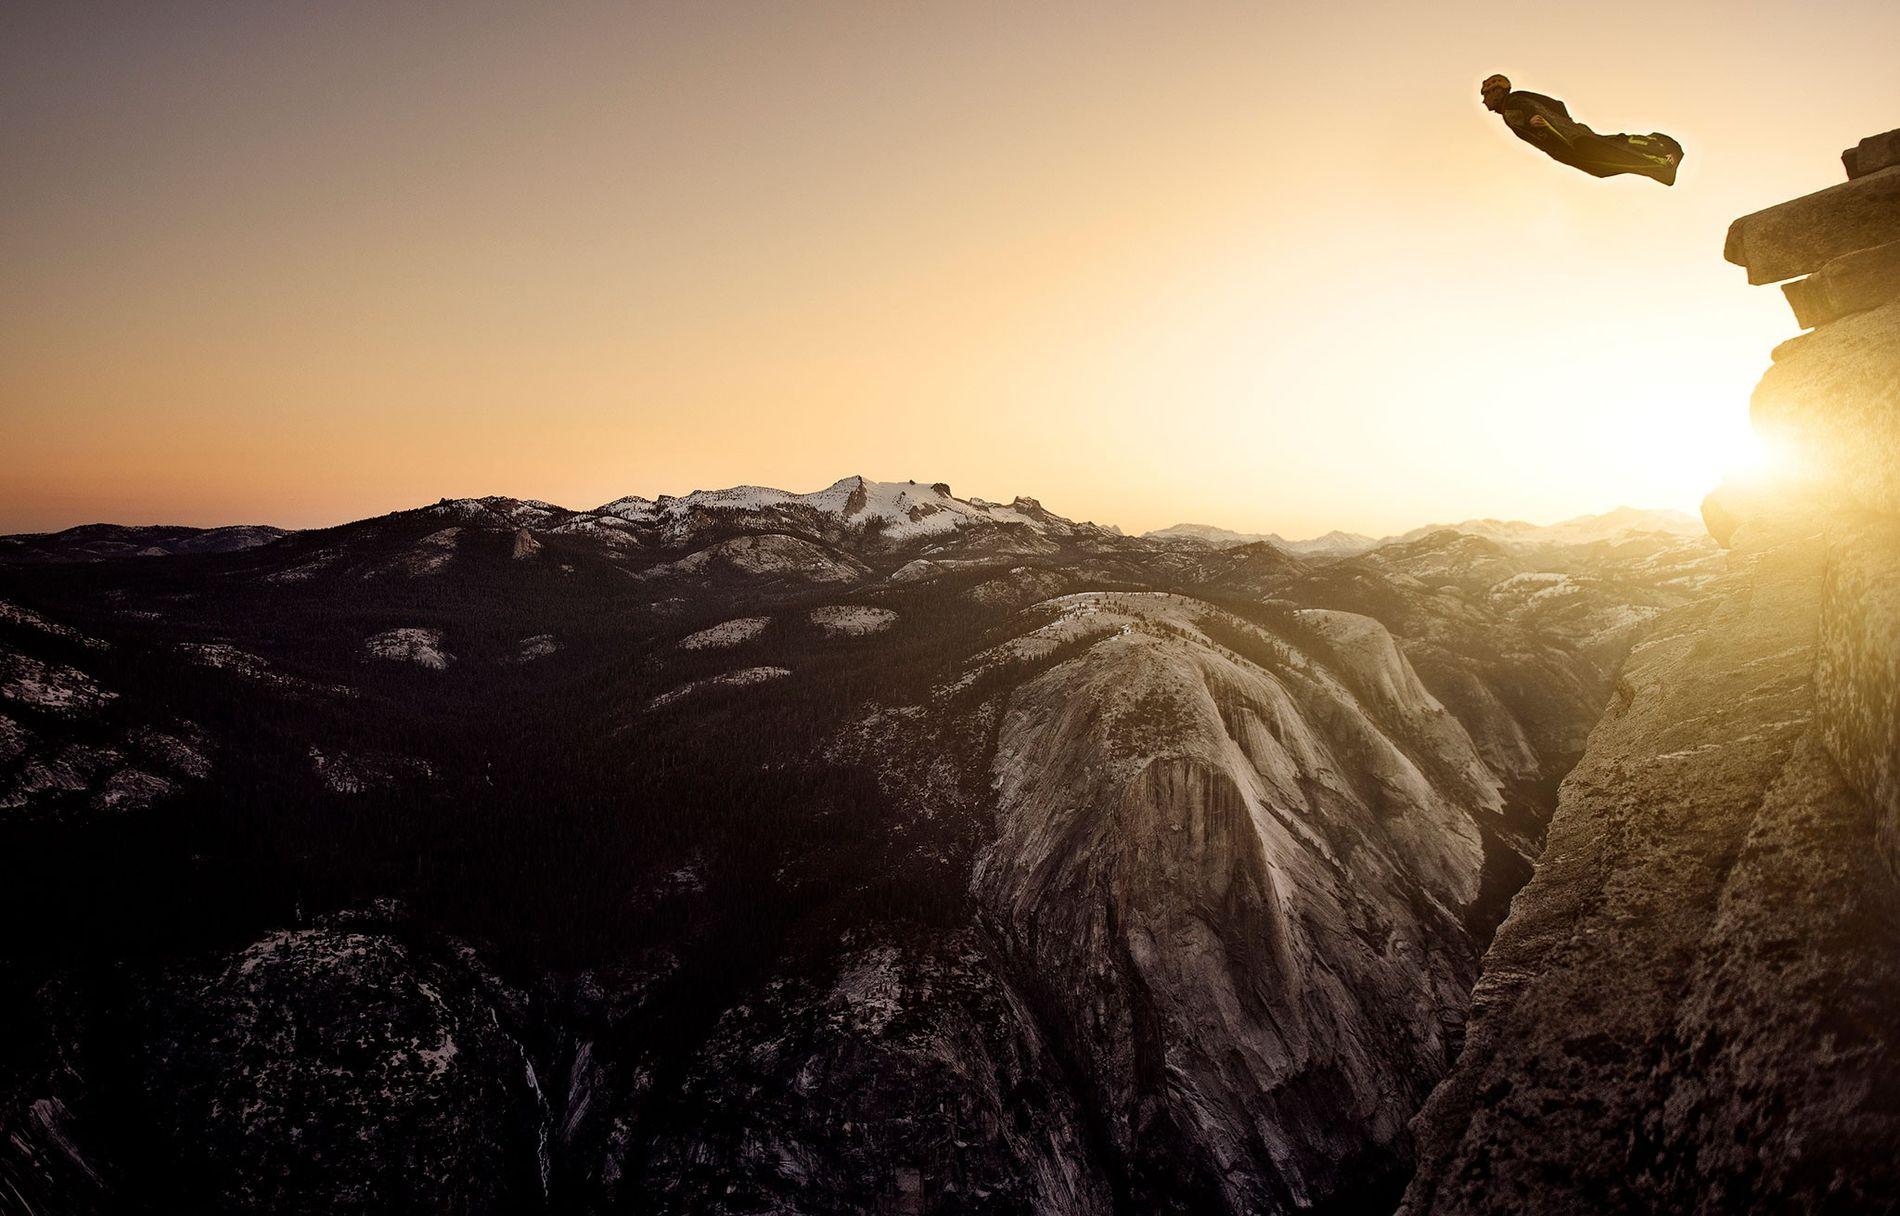 Un saltador con traje de alas salta desde la cima de Half Dome al amanecer en el parque nacional de Yosemite, California, donde este deporte es ilegal. Este deporte letal ha registrado menos víctimas desde las temporadas de 2015 y 2016.